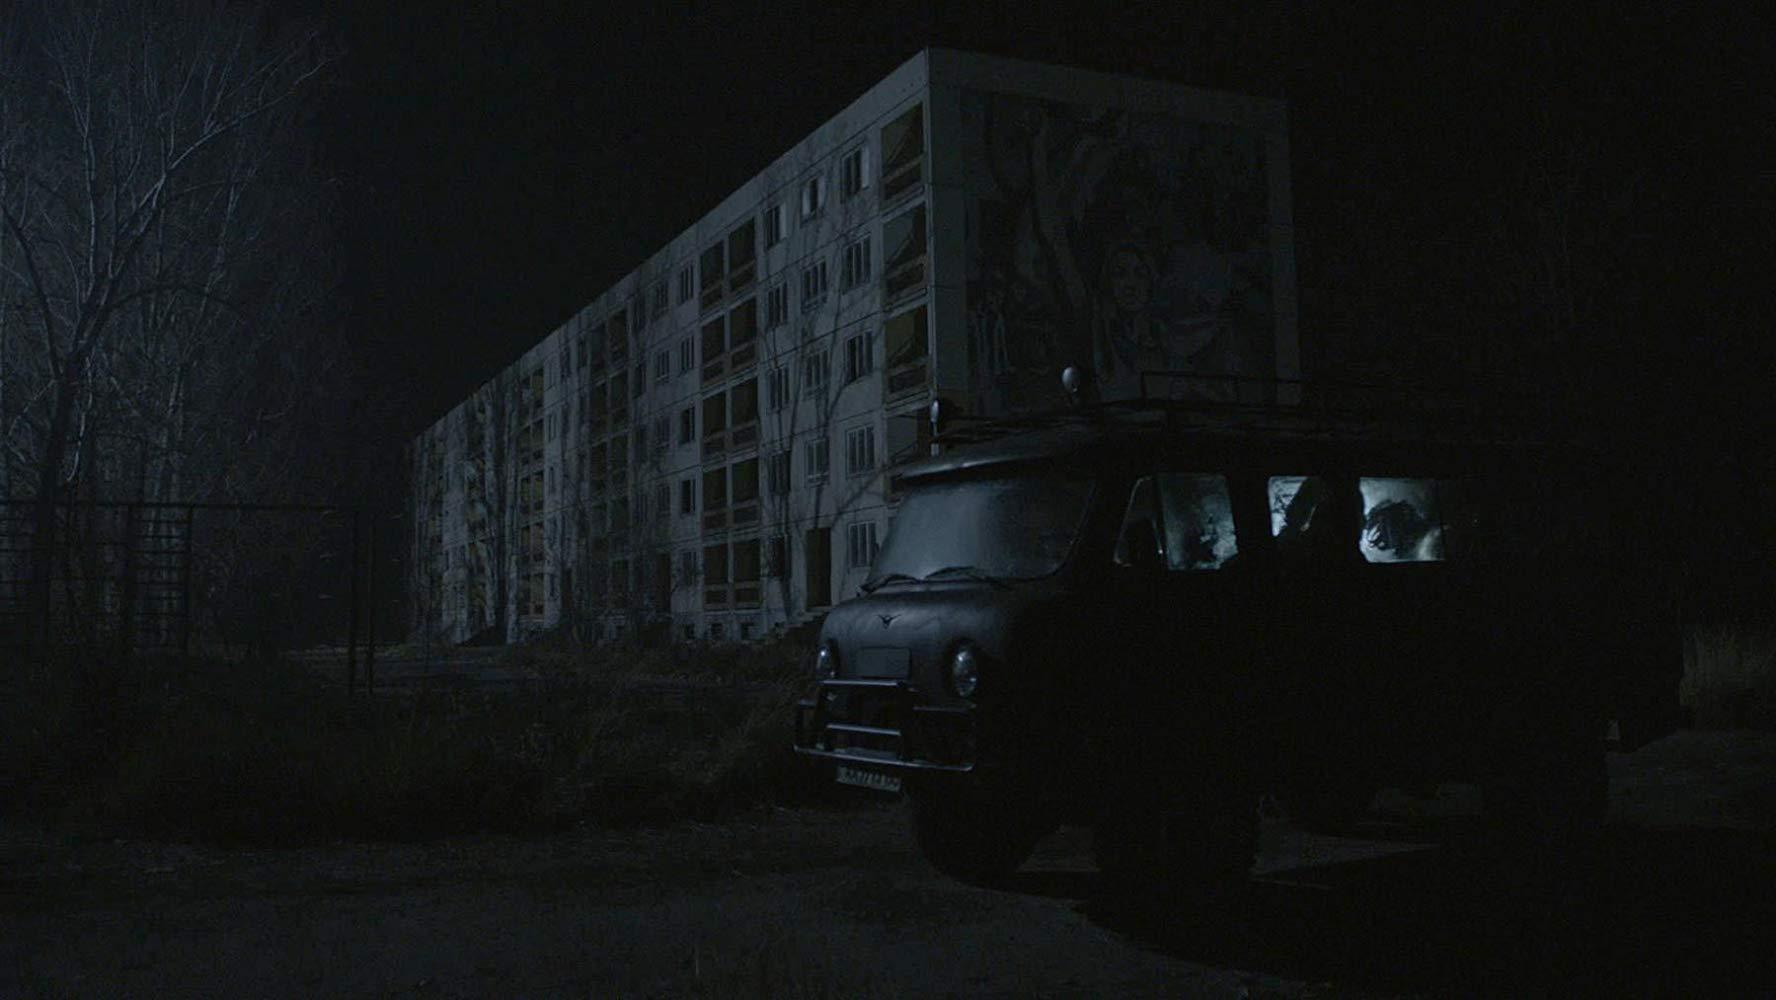 فيلم Chernobyl Diaries 2012 مترجم